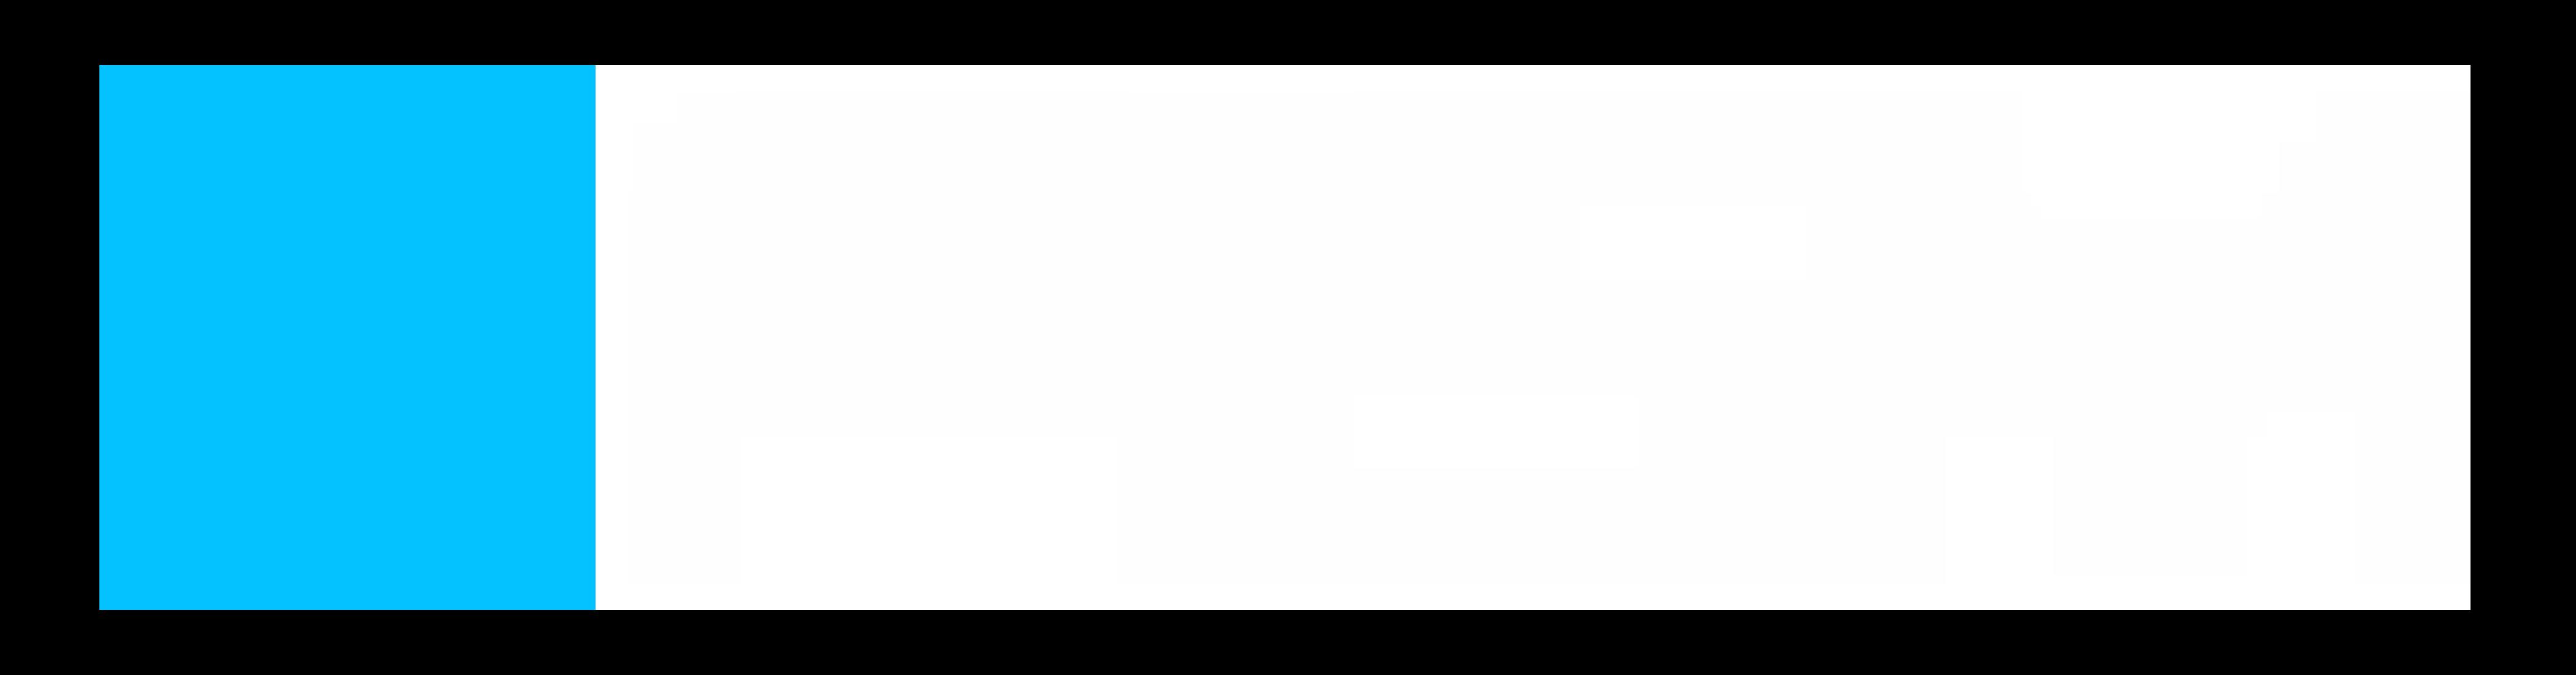 Free Download Logo